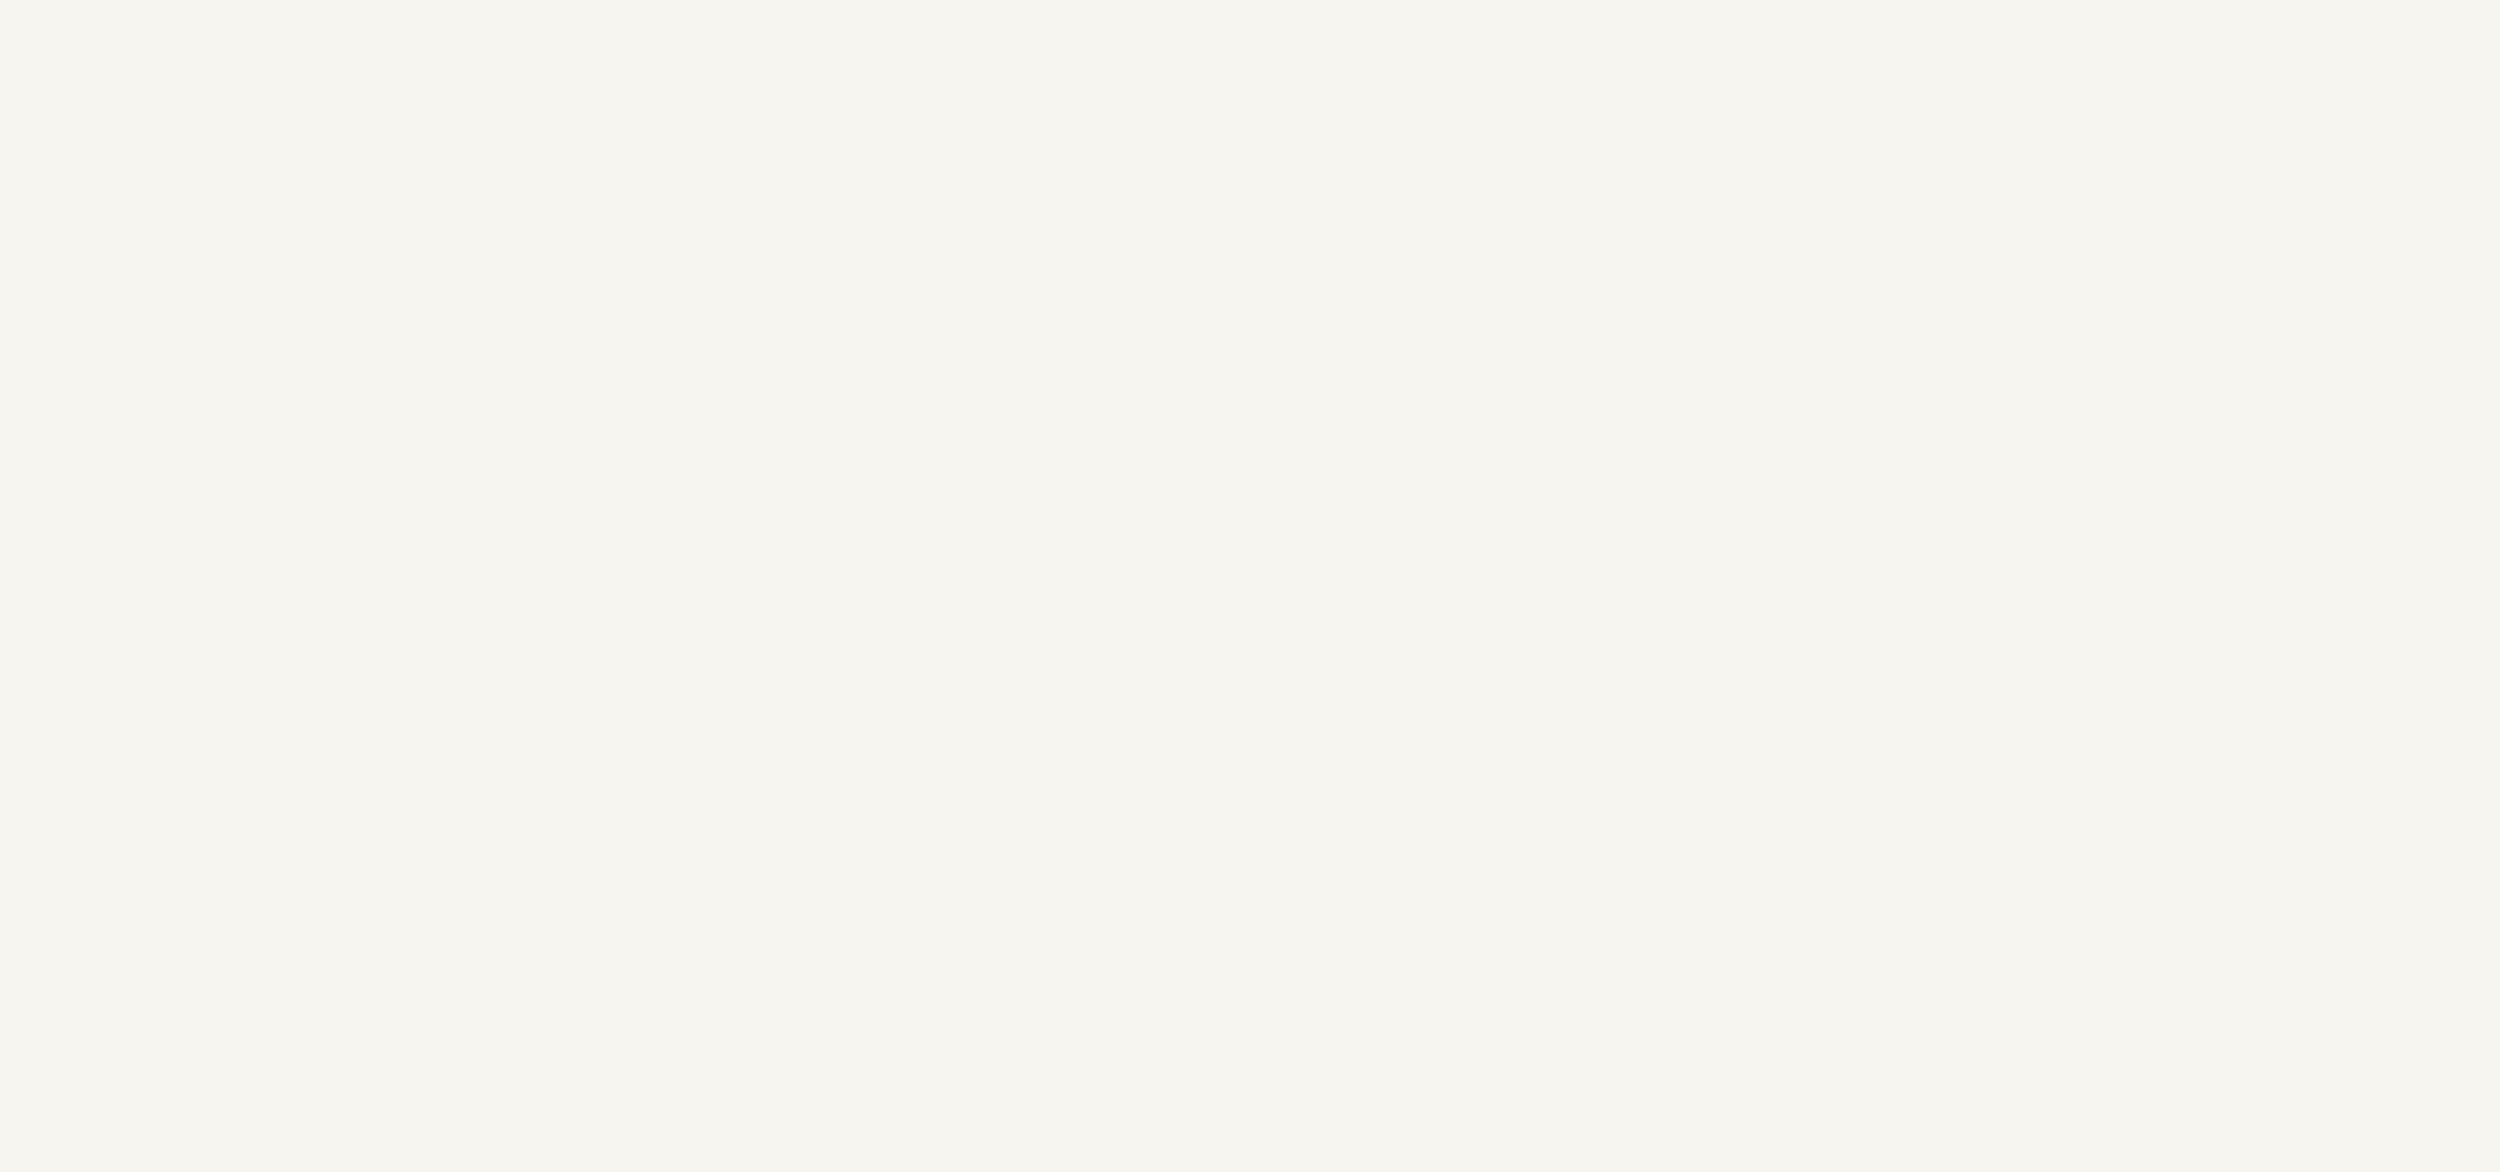 Plan de travail en néolith just white silk. distributeur france, fournisseur exclusif france. Cuisine en néolith, salle de bain en néolith, sol en néolith, direct néolith. livraison partout en france, livraison sur paris, livraison département 75, livraison département 77, département 78, département 80, département 60,département 10